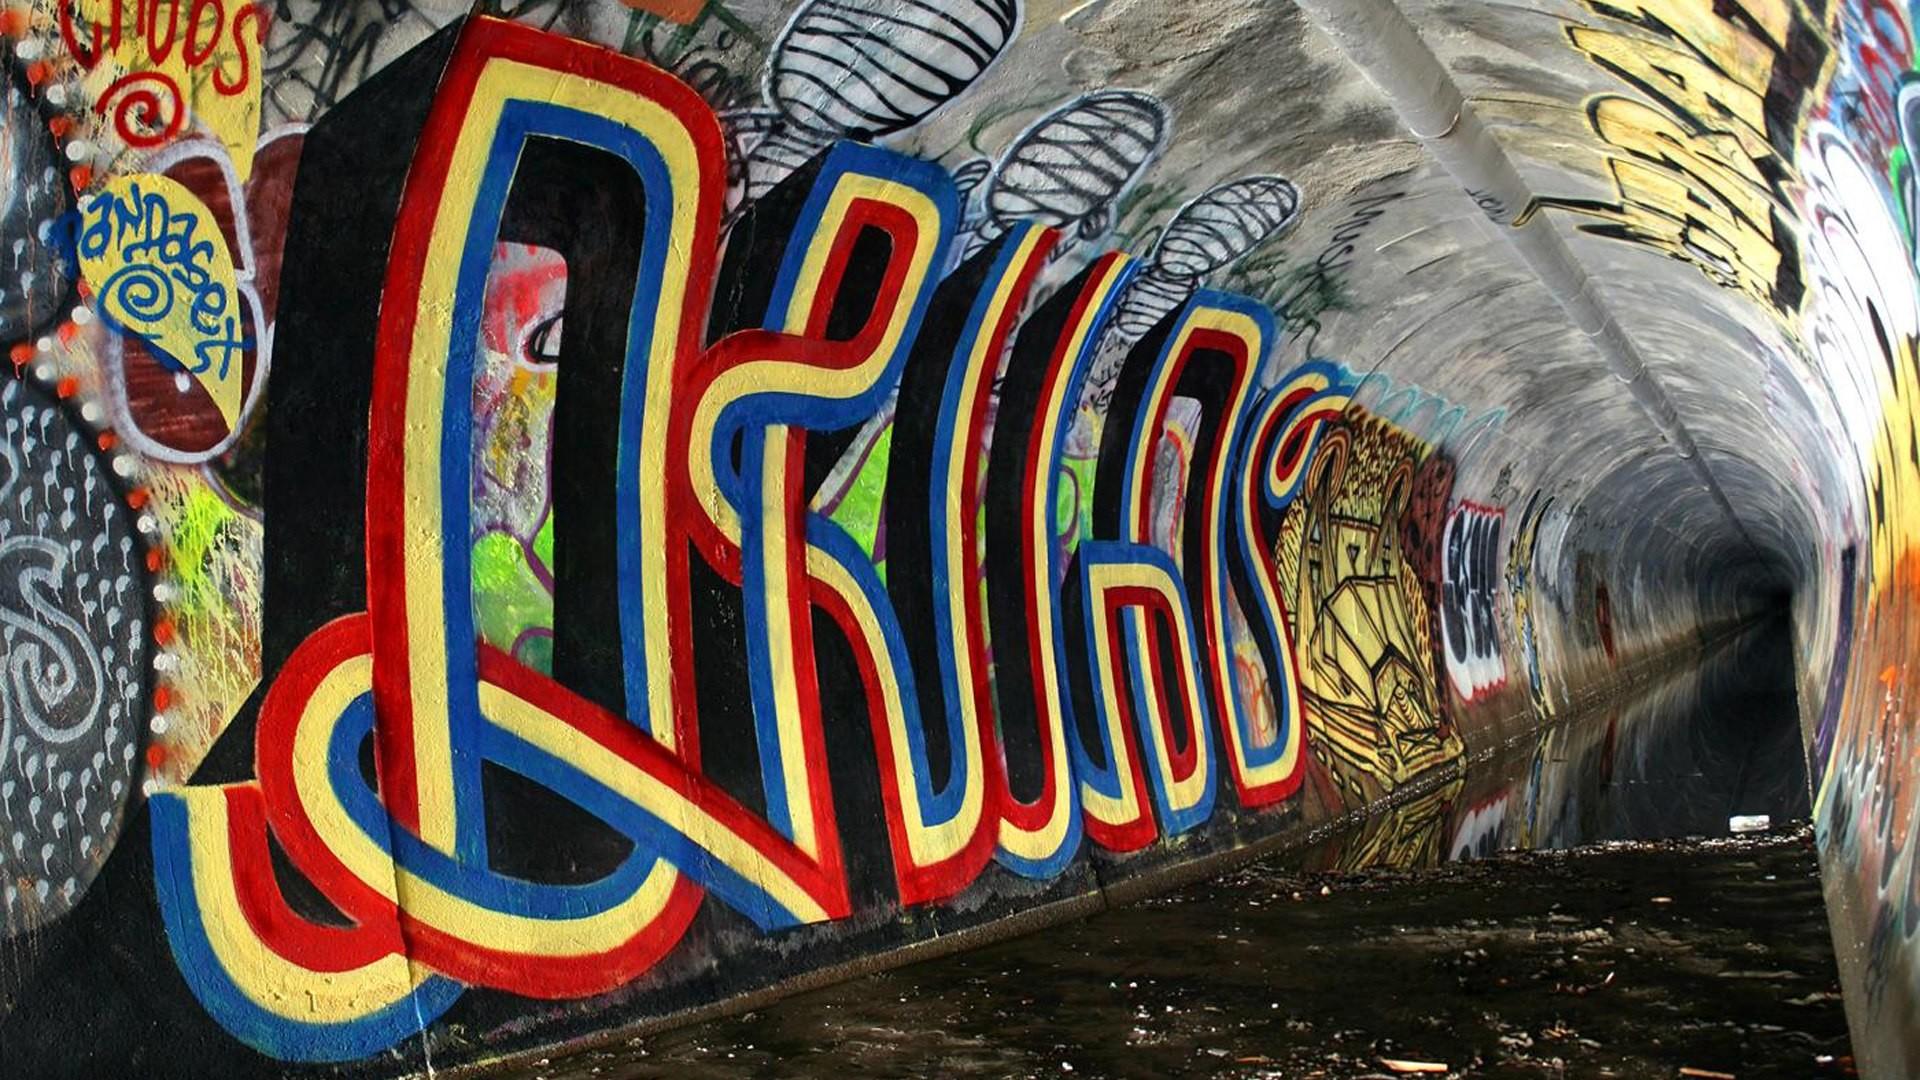 graffiti backgrounds for desktop 183��